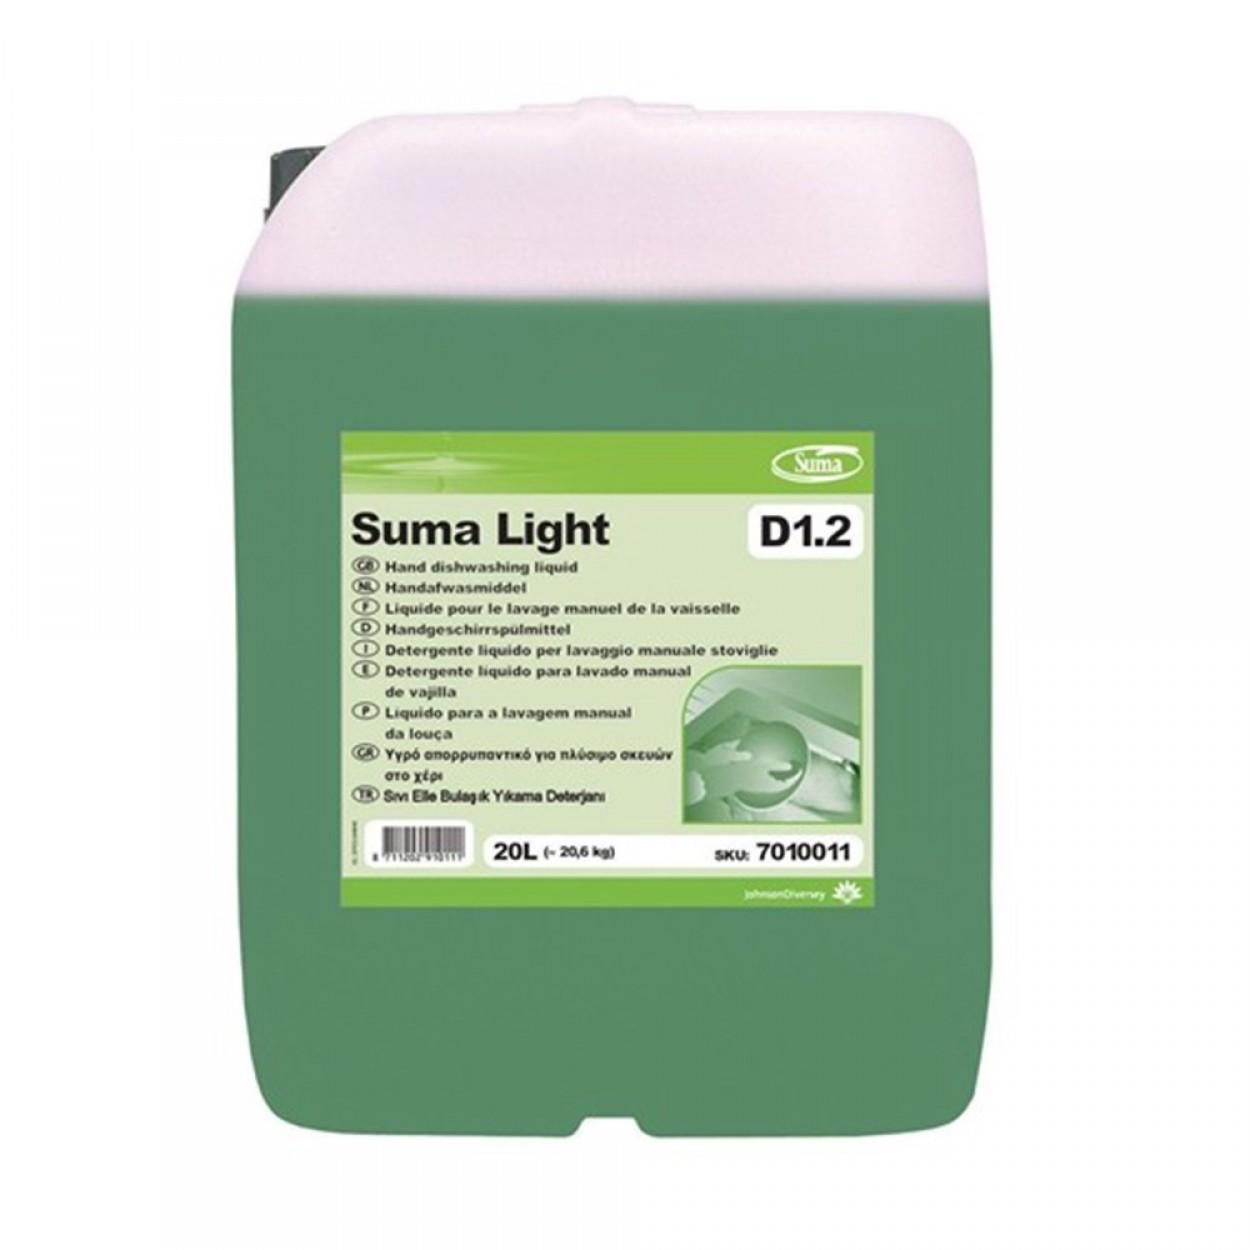 SUMA Light D12  Elde Bulaşık Yıkama Deterjanı 20,60 Kg